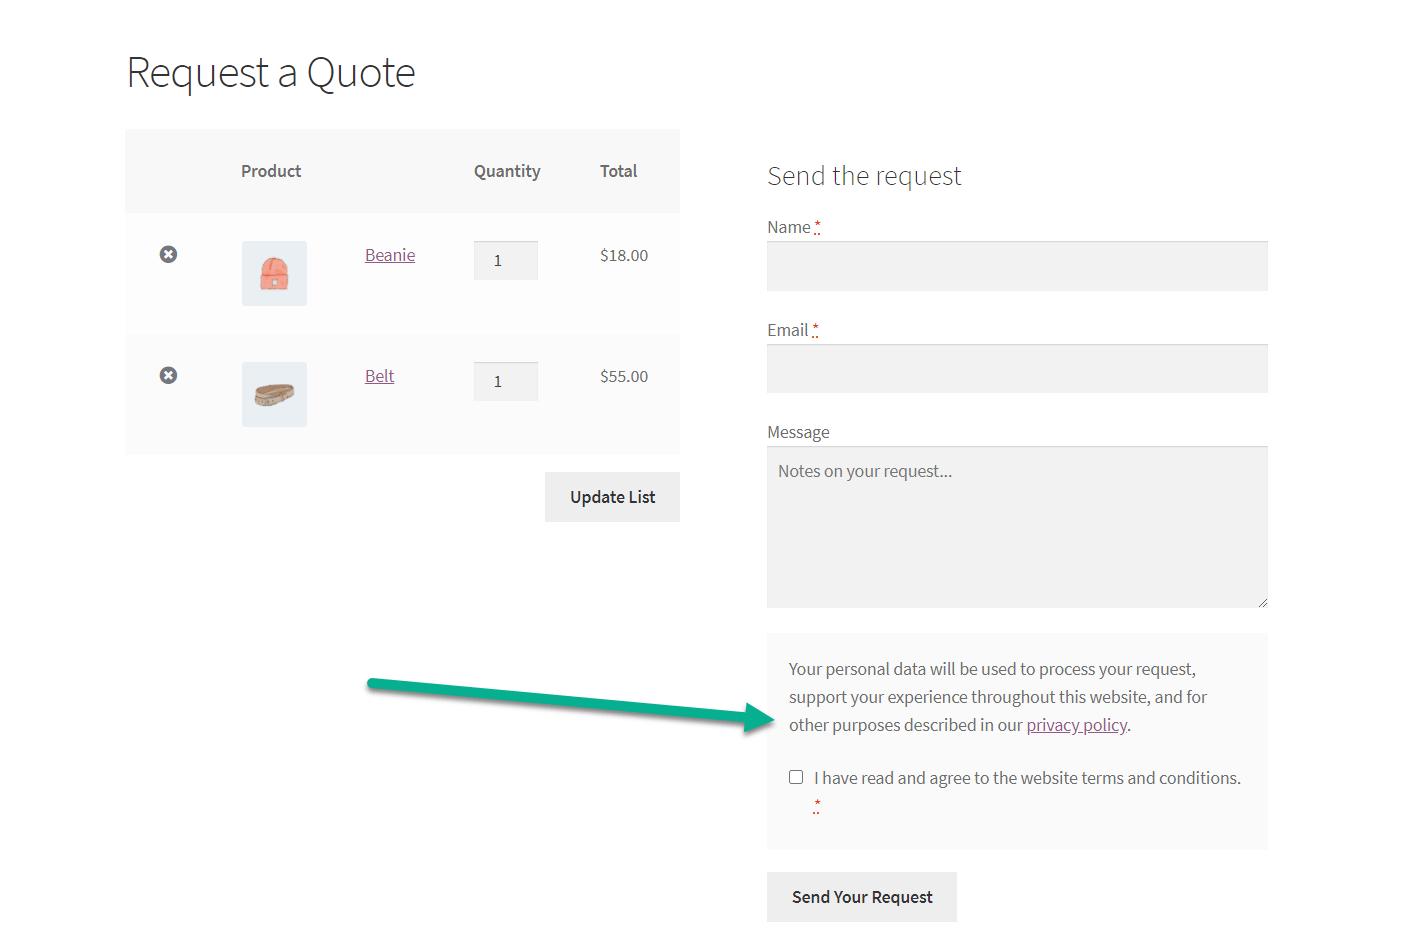 declaração de privacidade: WooCommerce solicita um orçamento